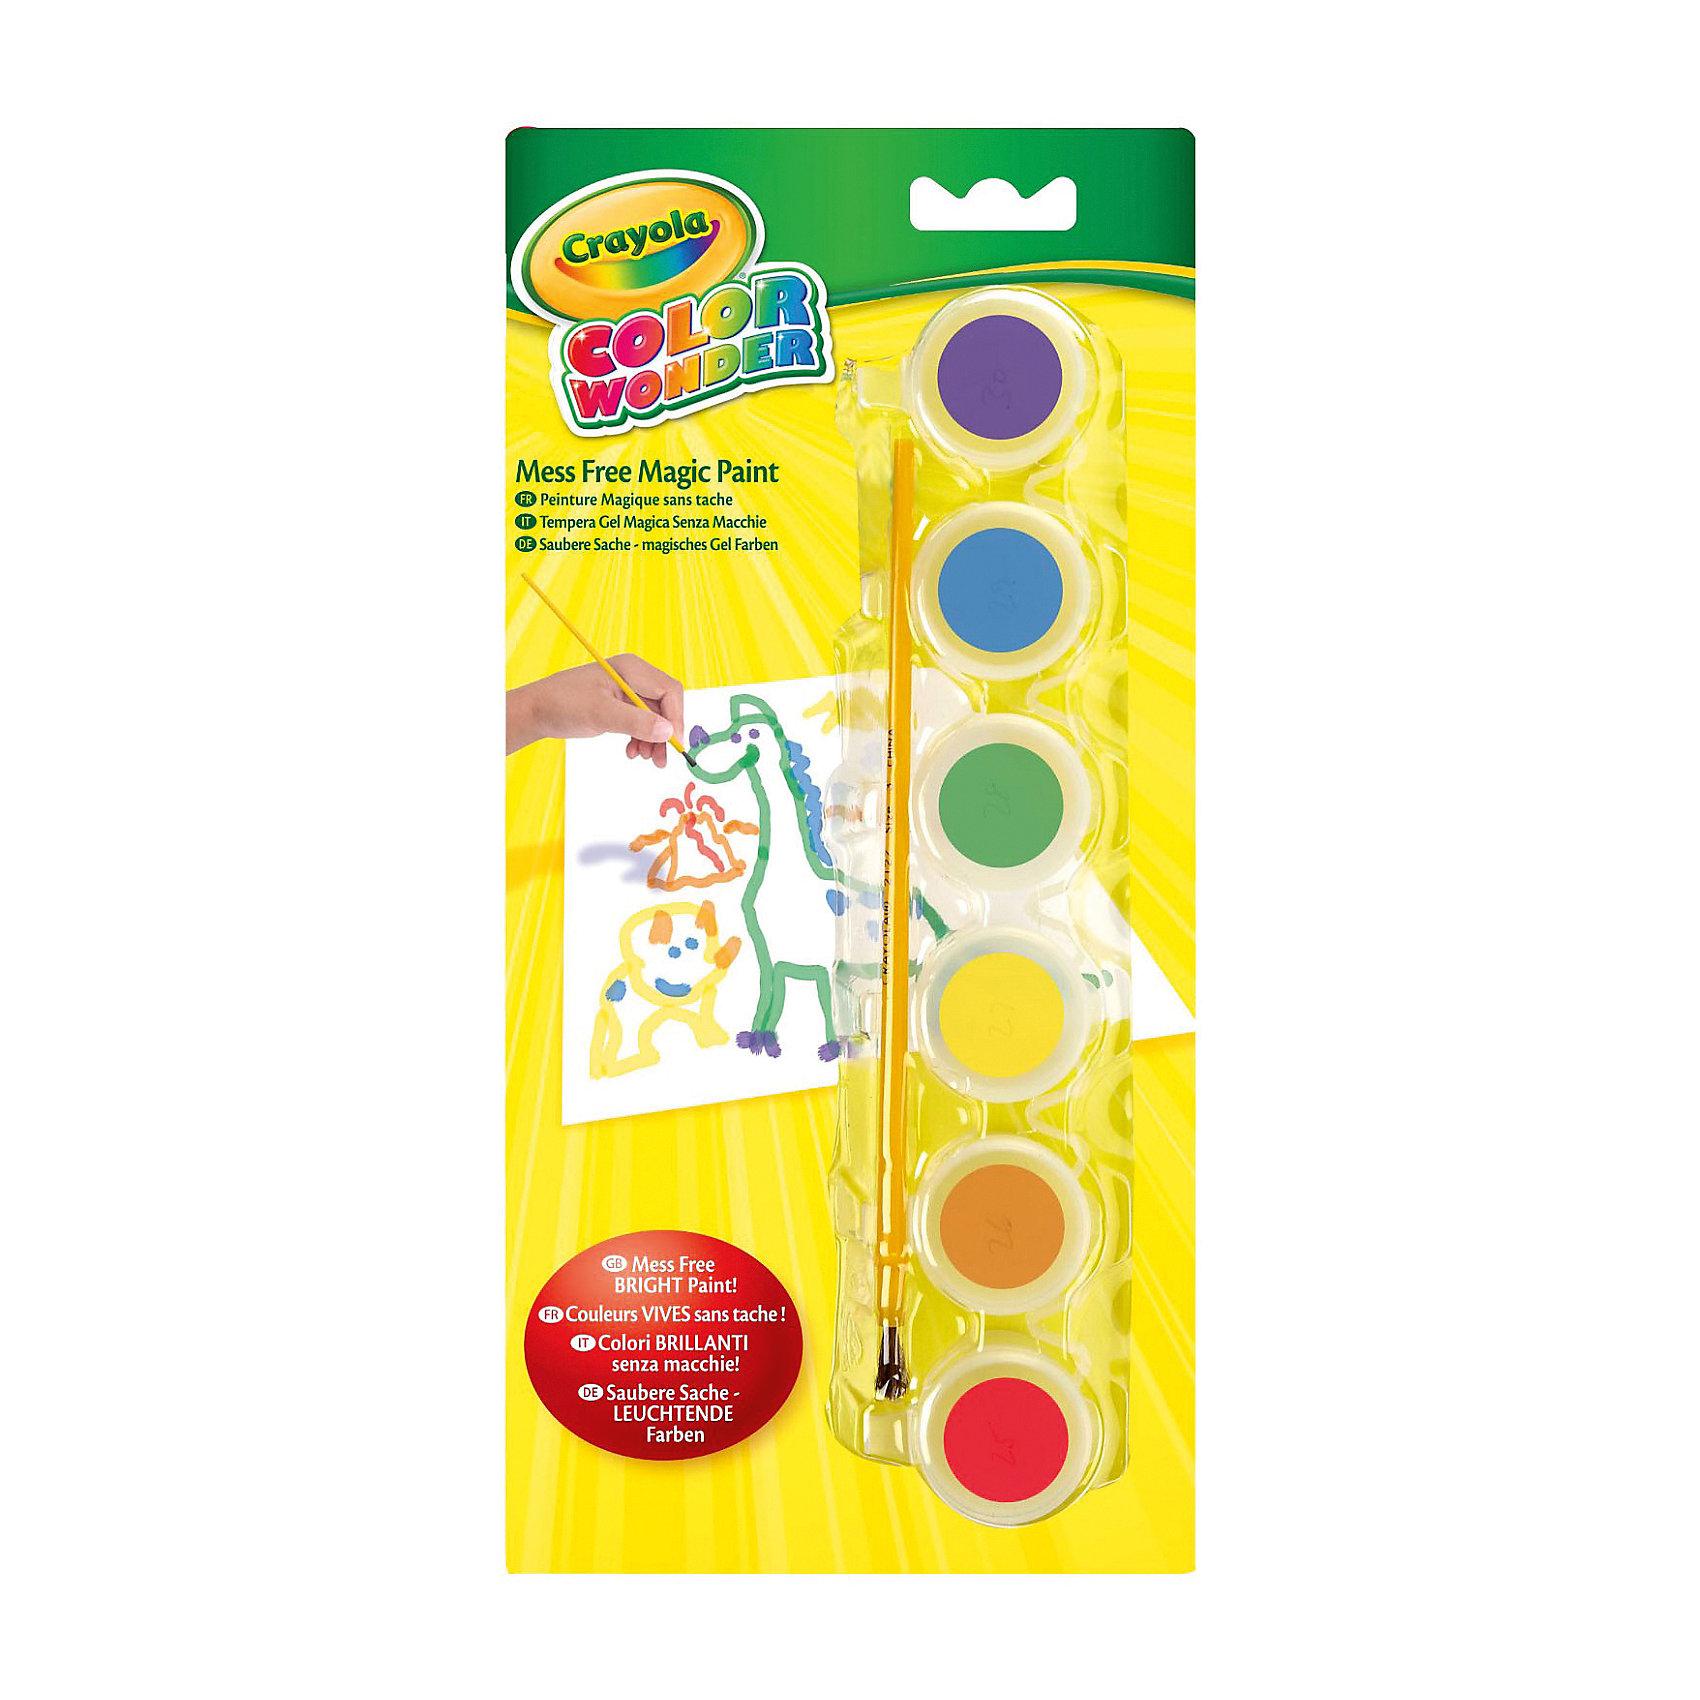 Краски, 6 цветов, CrayolaАкварель<br>Характеристики:<br><br>• проявляются только на бумаге Wonder;<br>• бумага приобретается отдельно;<br>• в комплекте: кисточка, 6 красок (сиреневый, синий, зеленый, желтый, оранжевый, красный);<br>• размер баночки: 3х3х3 см;<br>• длина кисти: 16,6 см;<br>• размер упаковки: 26,5х3х12,5 см;<br>• вес: 230 грамм.<br><br>Уникальные краски Crayola, несомненно, порадуют детей и родителей. Шесть ярких цветов проявляются только на специальной волшебной бумаге Wonder (приобретается отдельно). Рисуя красками, ребенок не испачкается сам, а стены и мебель в доме останутся чистыми.<br><br>В комплект входят 6 баночек с краской и кисточка. Краски изготовлены из нетоксичных материалов.<br><br>Краски, 6 цветов, Crayola (Крайола) можно купить в нашем интернет-магазине.<br><br>Ширина мм: 125<br>Глубина мм: 30<br>Высота мм: 265<br>Вес г: 230<br>Возраст от месяцев: 36<br>Возраст до месяцев: 2147483647<br>Пол: Унисекс<br>Возраст: Детский<br>SKU: 5574409